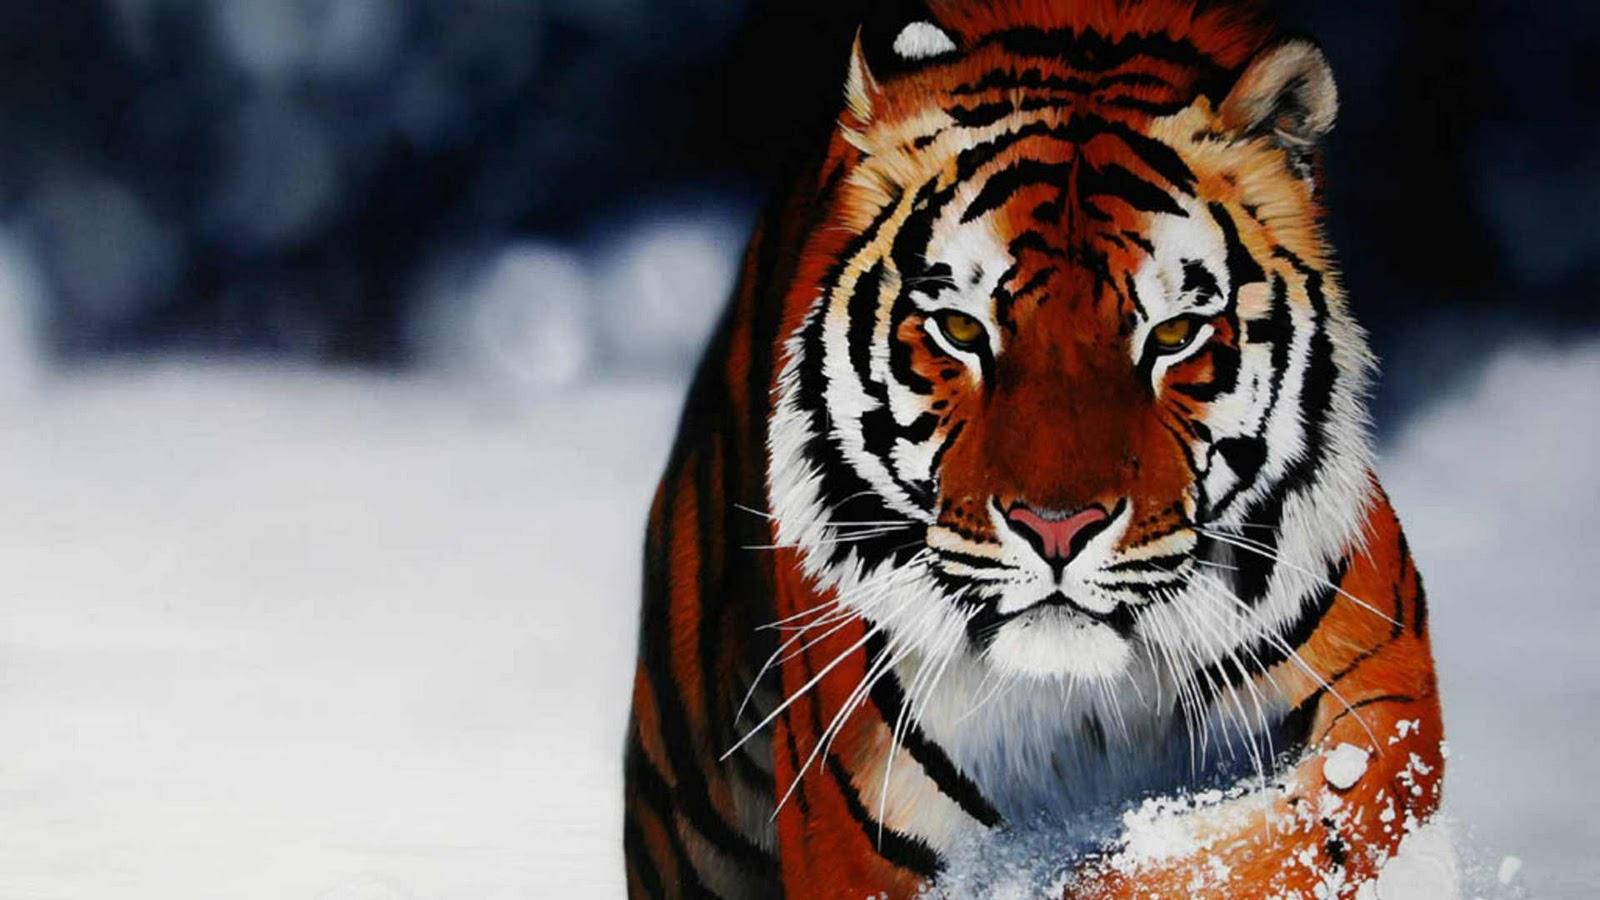 http://2.bp.blogspot.com/-ERiwKJpgAJQ/Tx6aDZjnbQI/AAAAAAAAAnY/bJG0KCCcpFA/s1600/Angry-Tiger-Wallpaper-1080p-HD.jpg